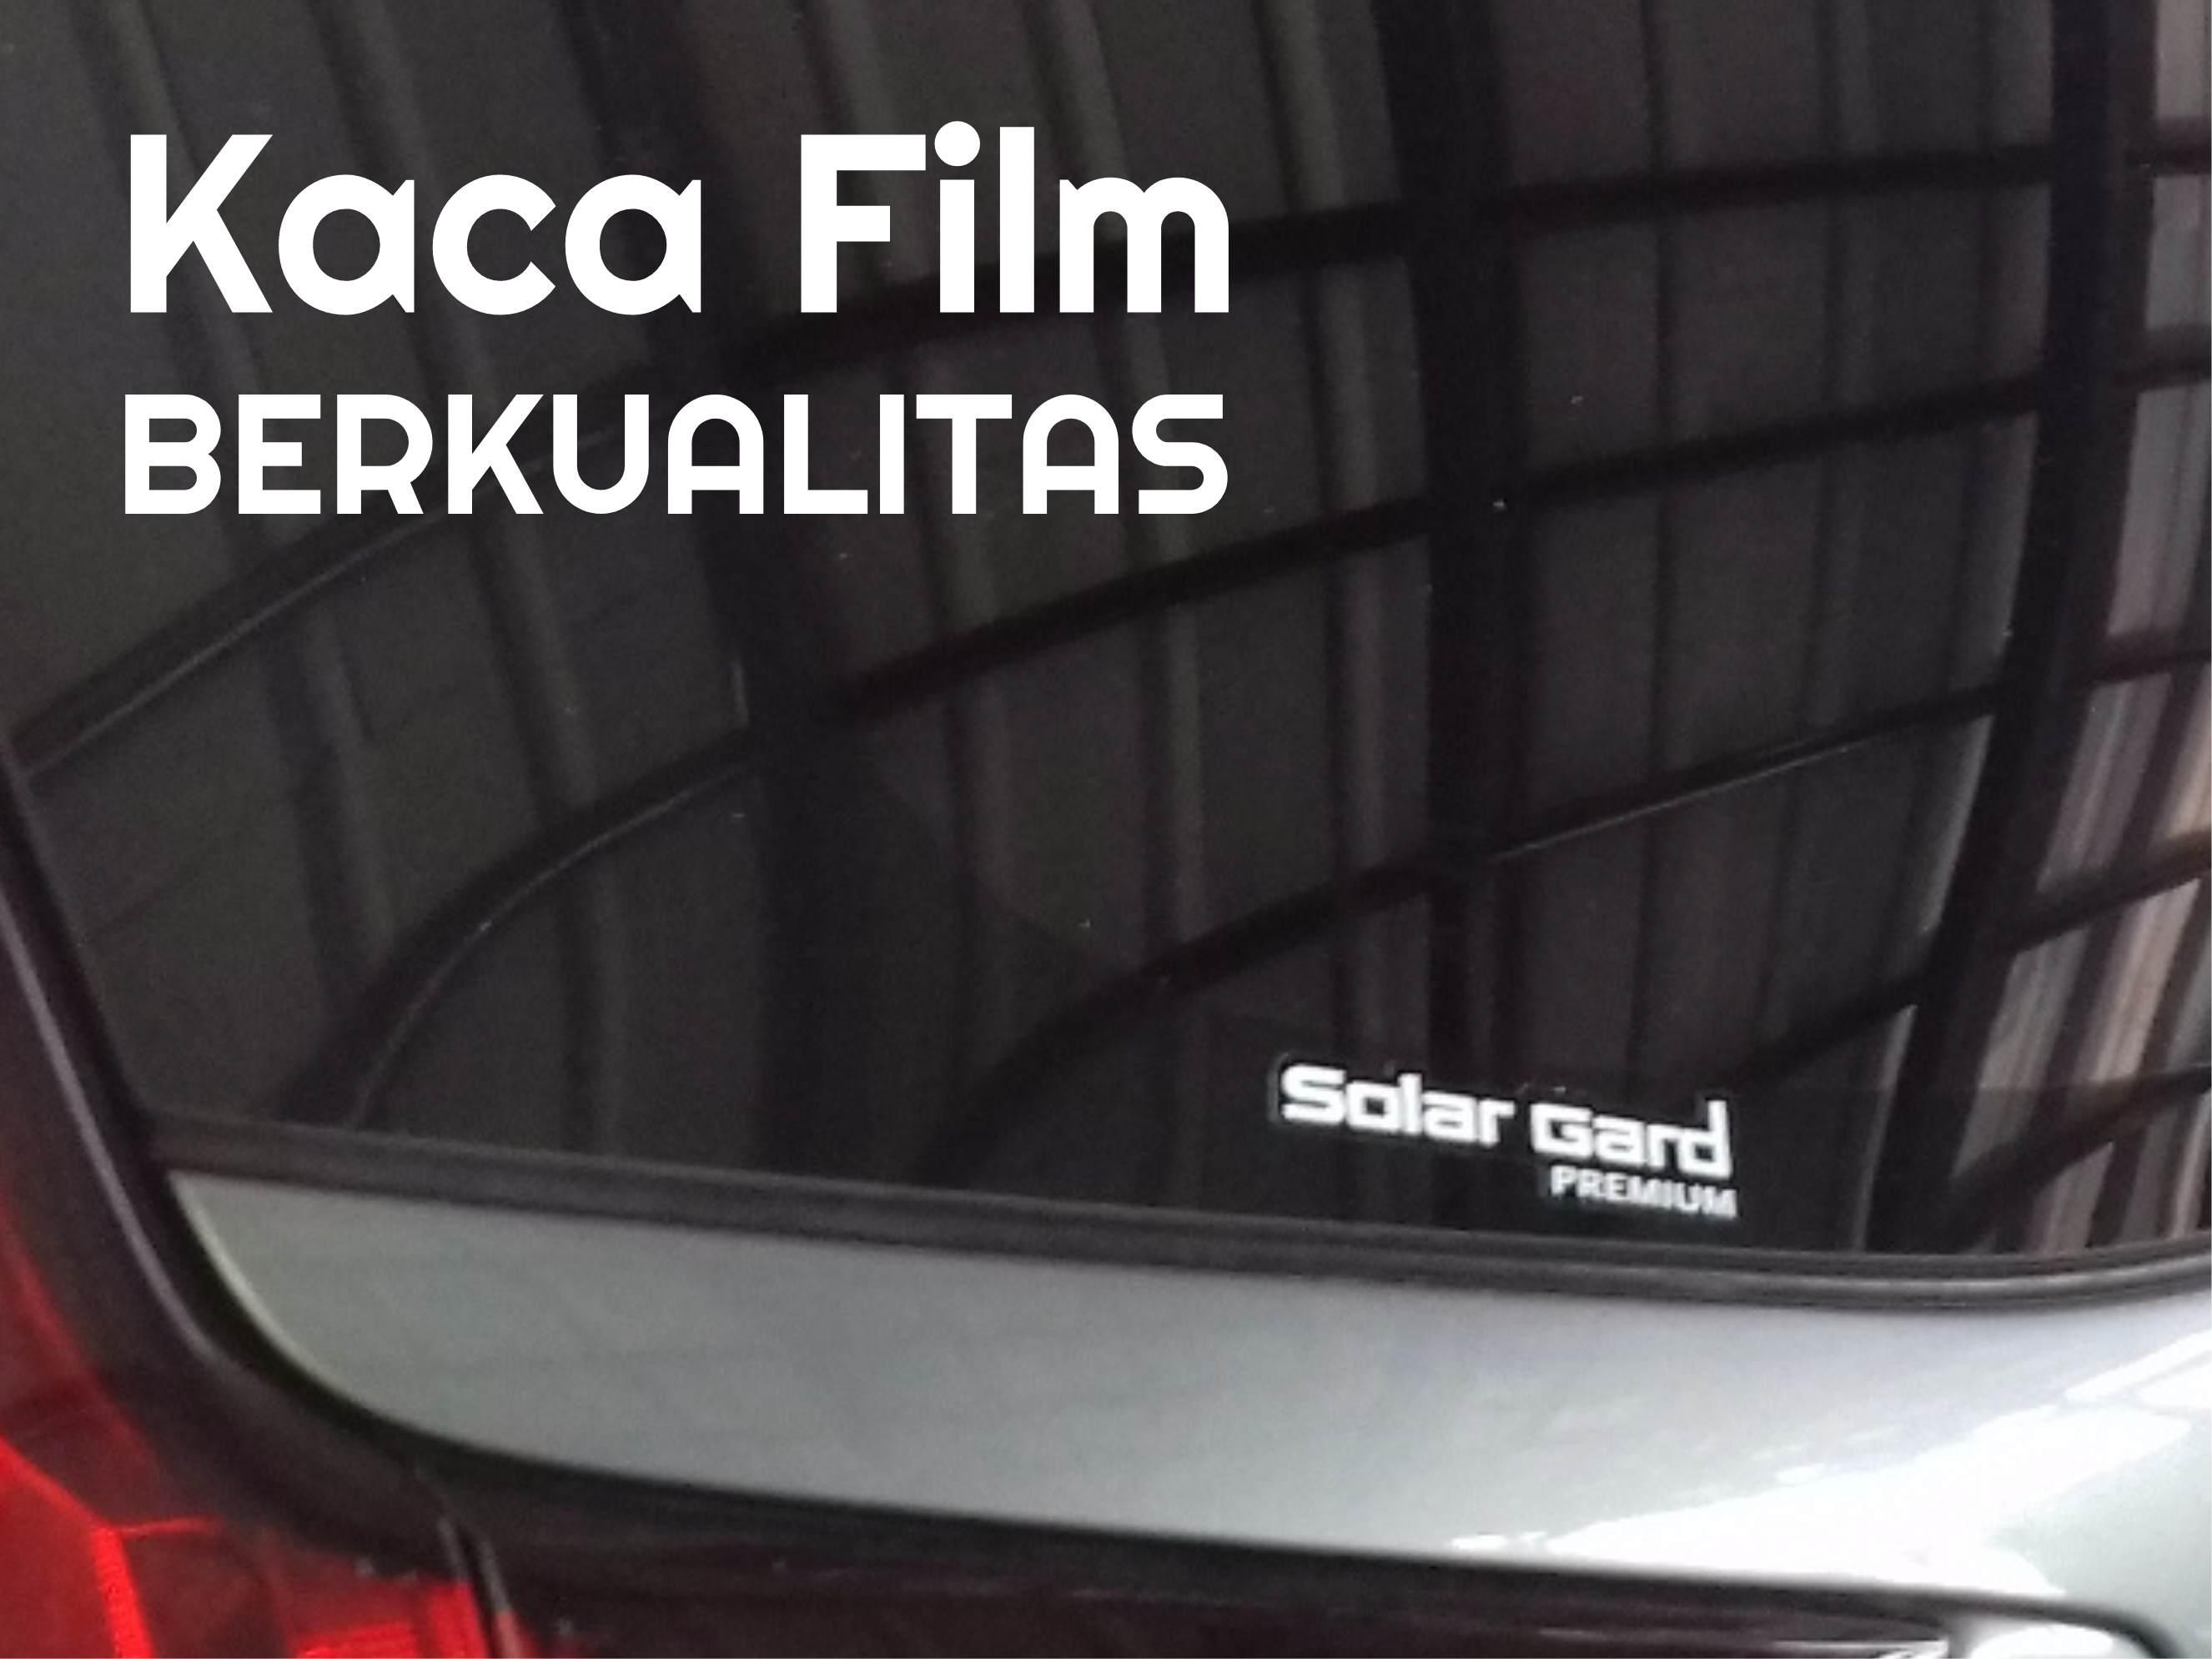 Kaca Film Berkualitas dengan Harga Terjangkau